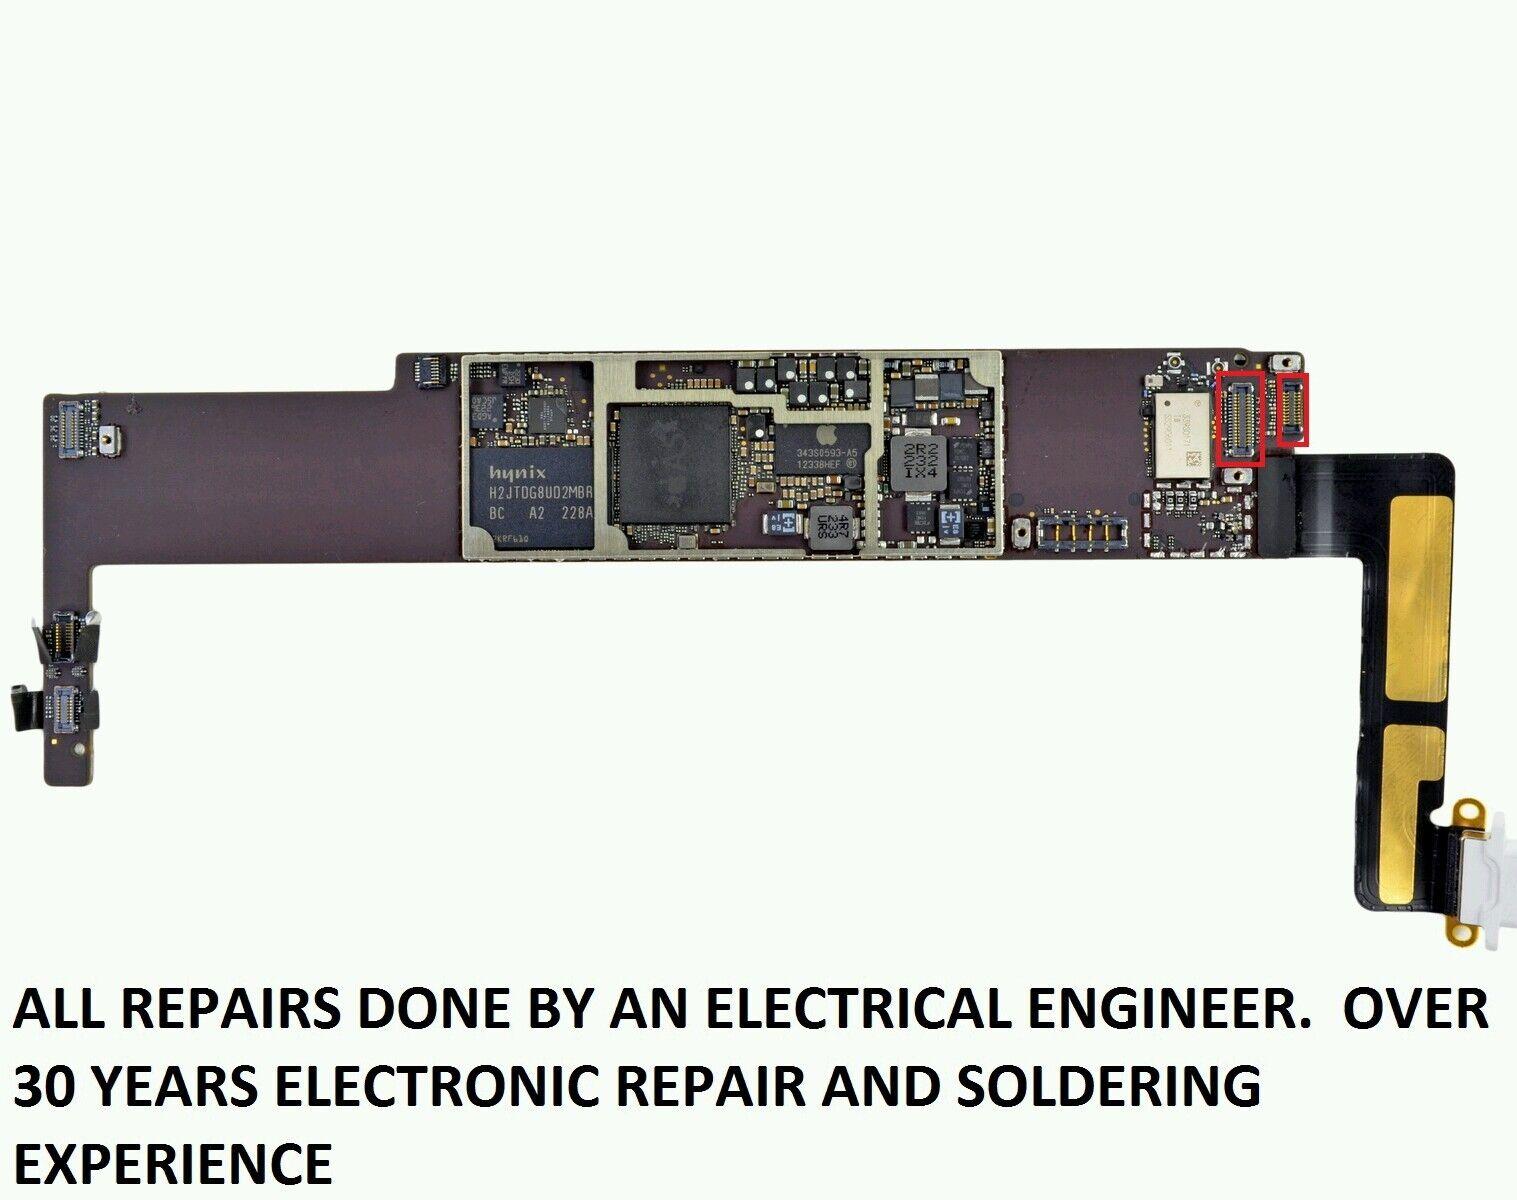 Apple iPad MINI 1,2, 3 Backlight Repair Dim Screen Repair